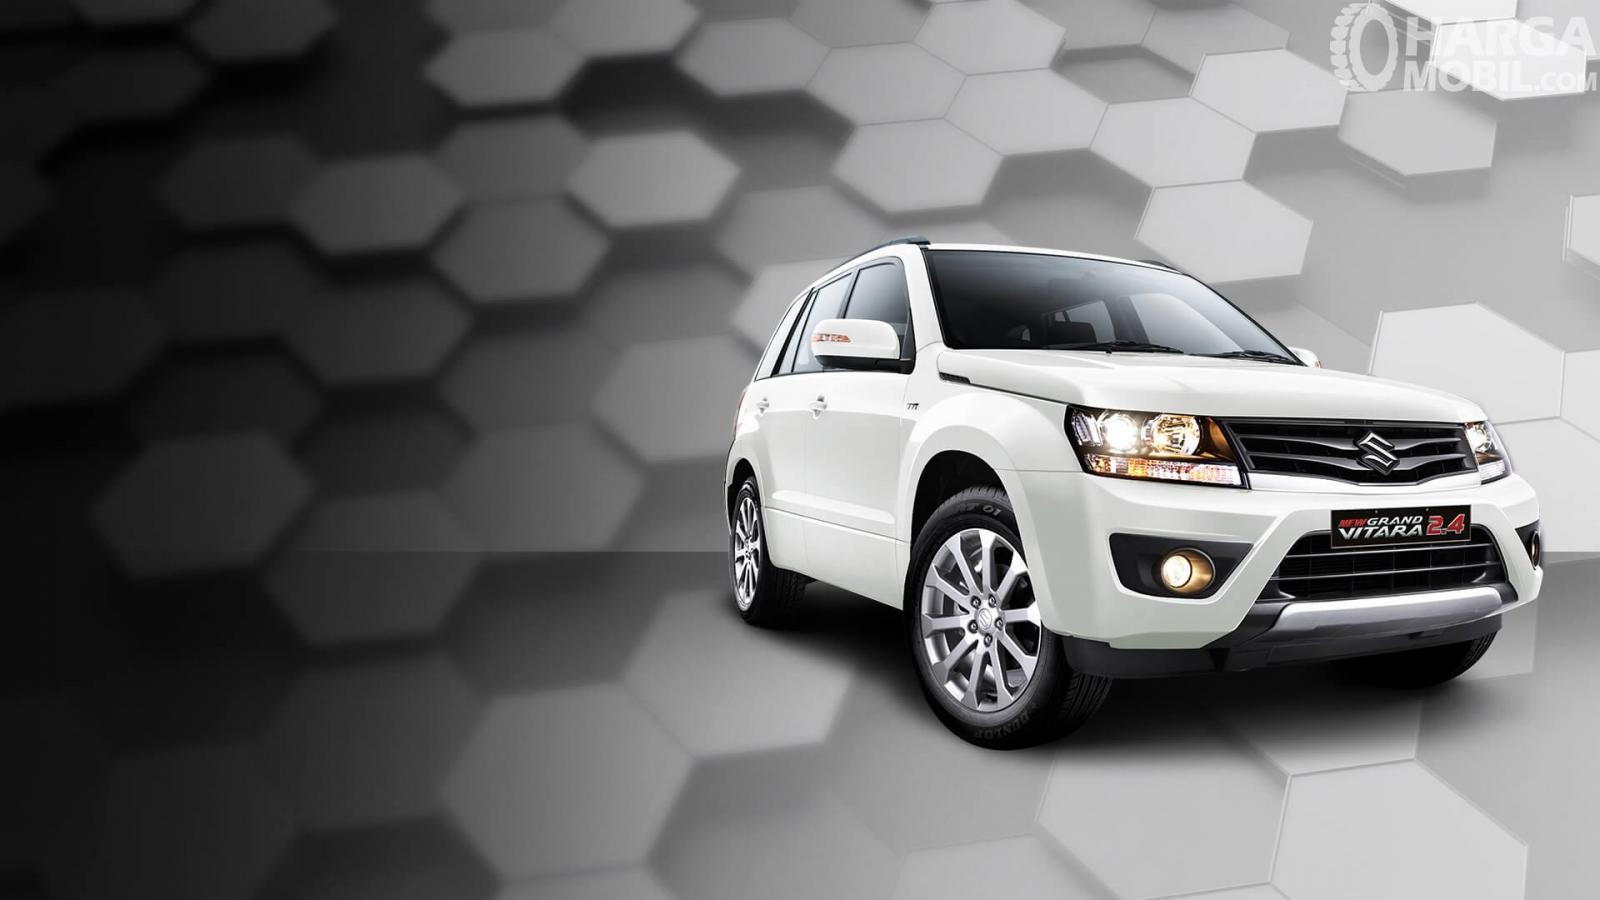 Generasi ketiga Suzuki Vitara mengalami ubahan berkali-kali hingga kini